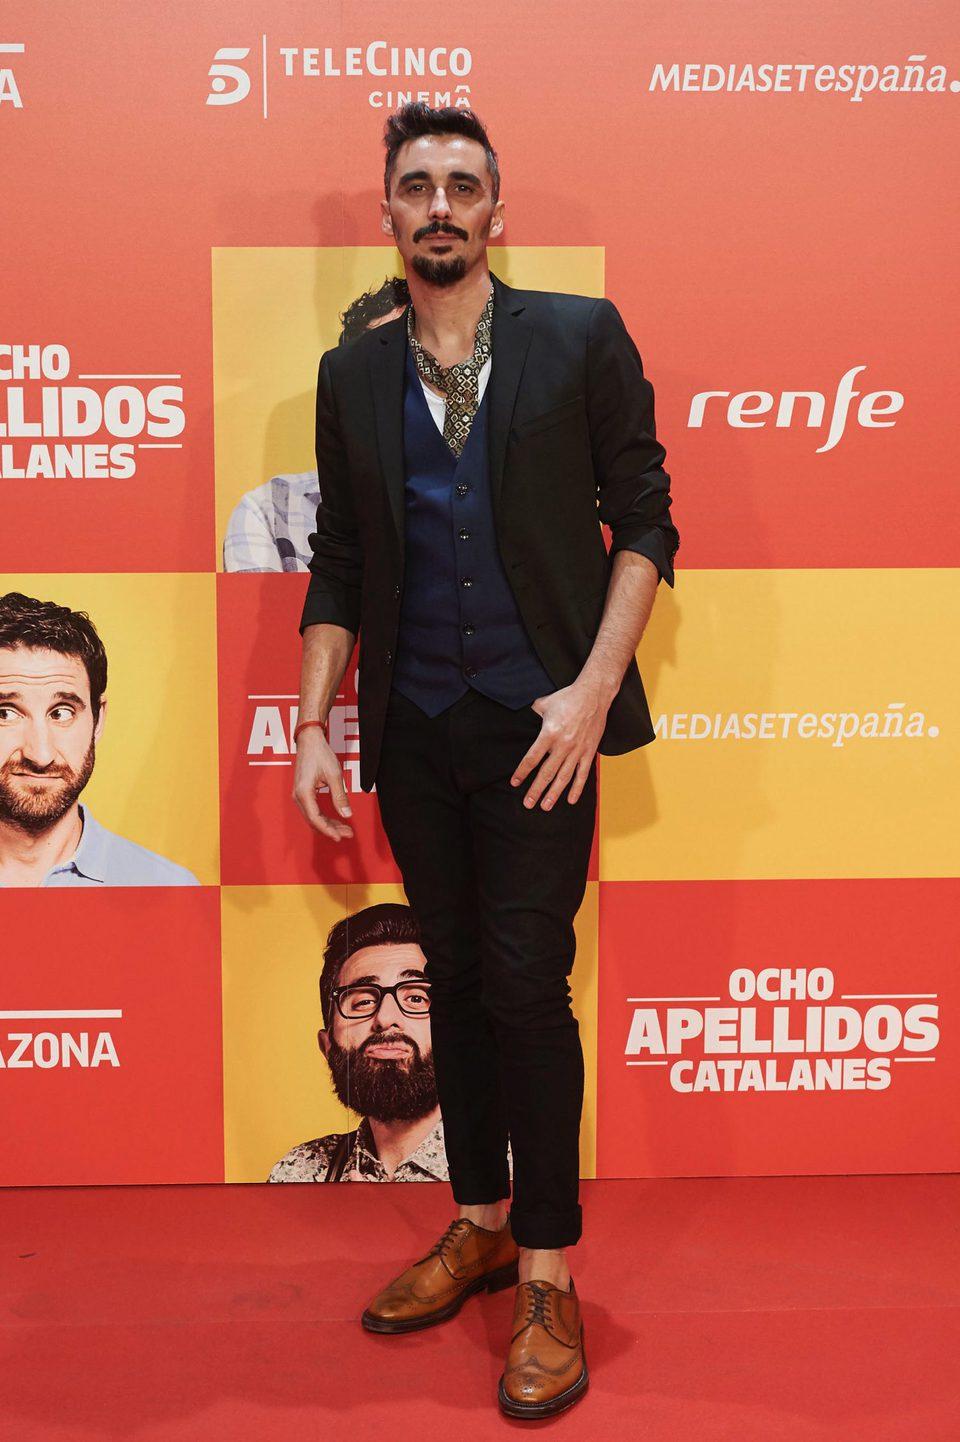 Canco Rodríguez en la Premiere de 'Ocho apellidos catalanes'